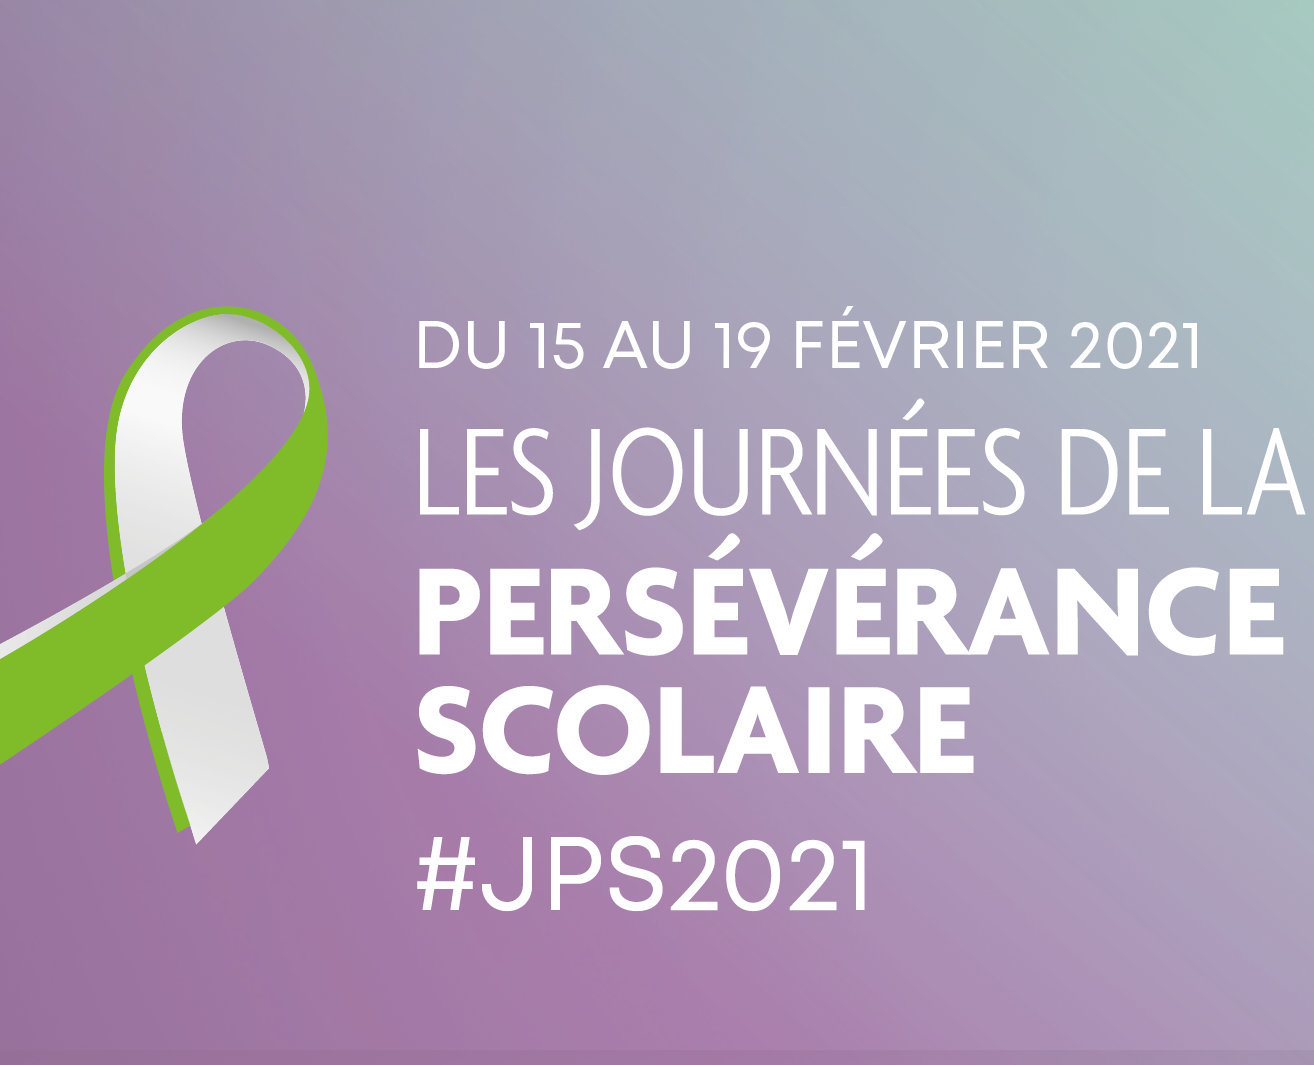 JPS 2021 – Publication d'une lettre ouverte de l'Assemblée nationale